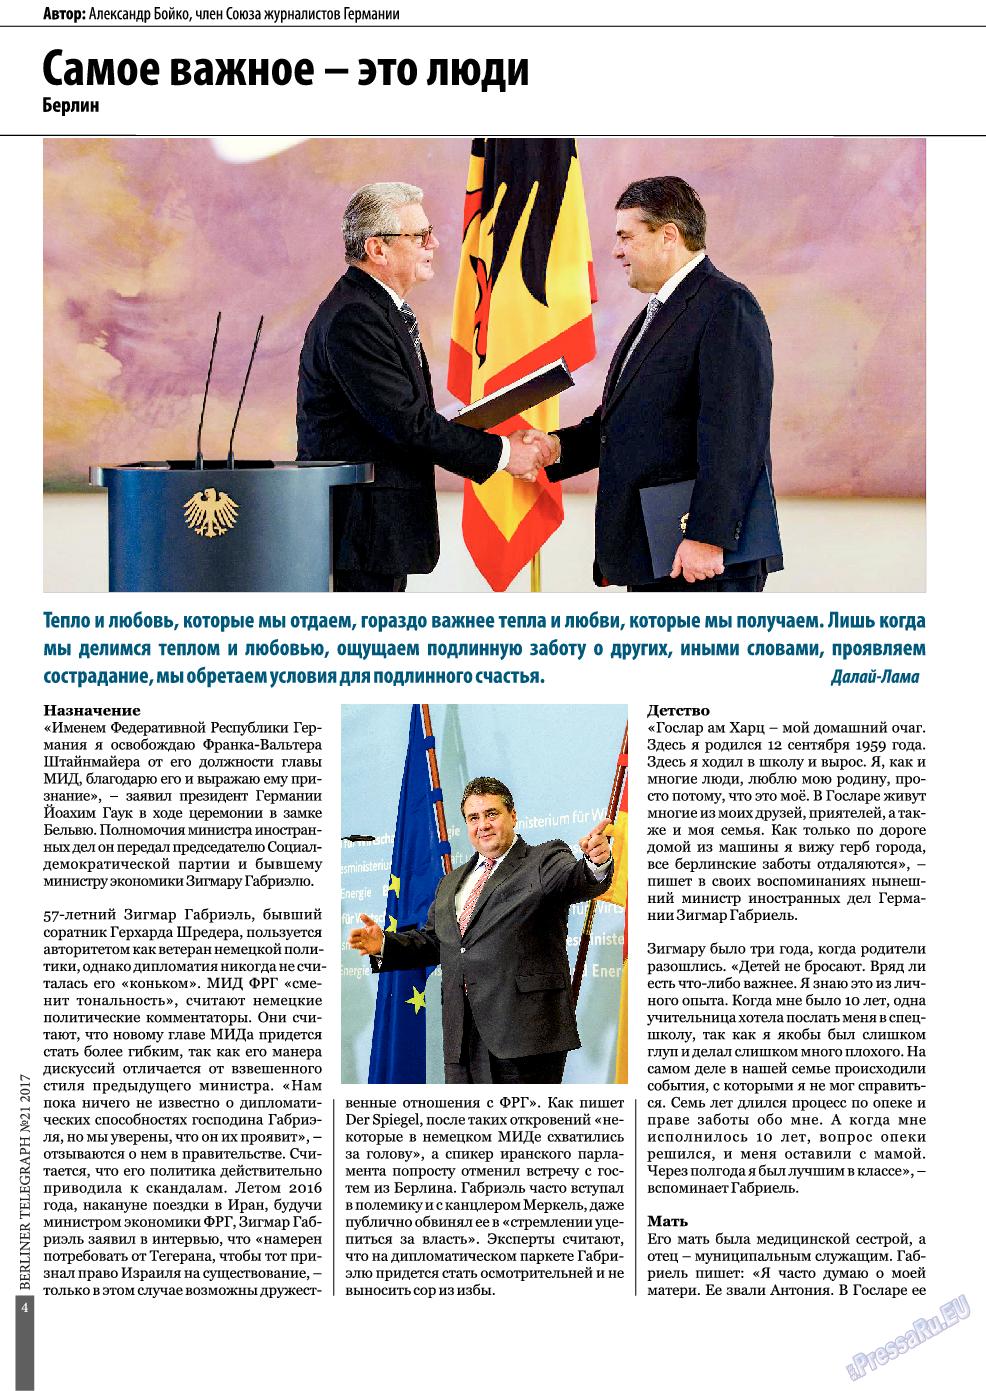 Берлинский телеграф (журнал). 2017 год, номер 21, стр. 4